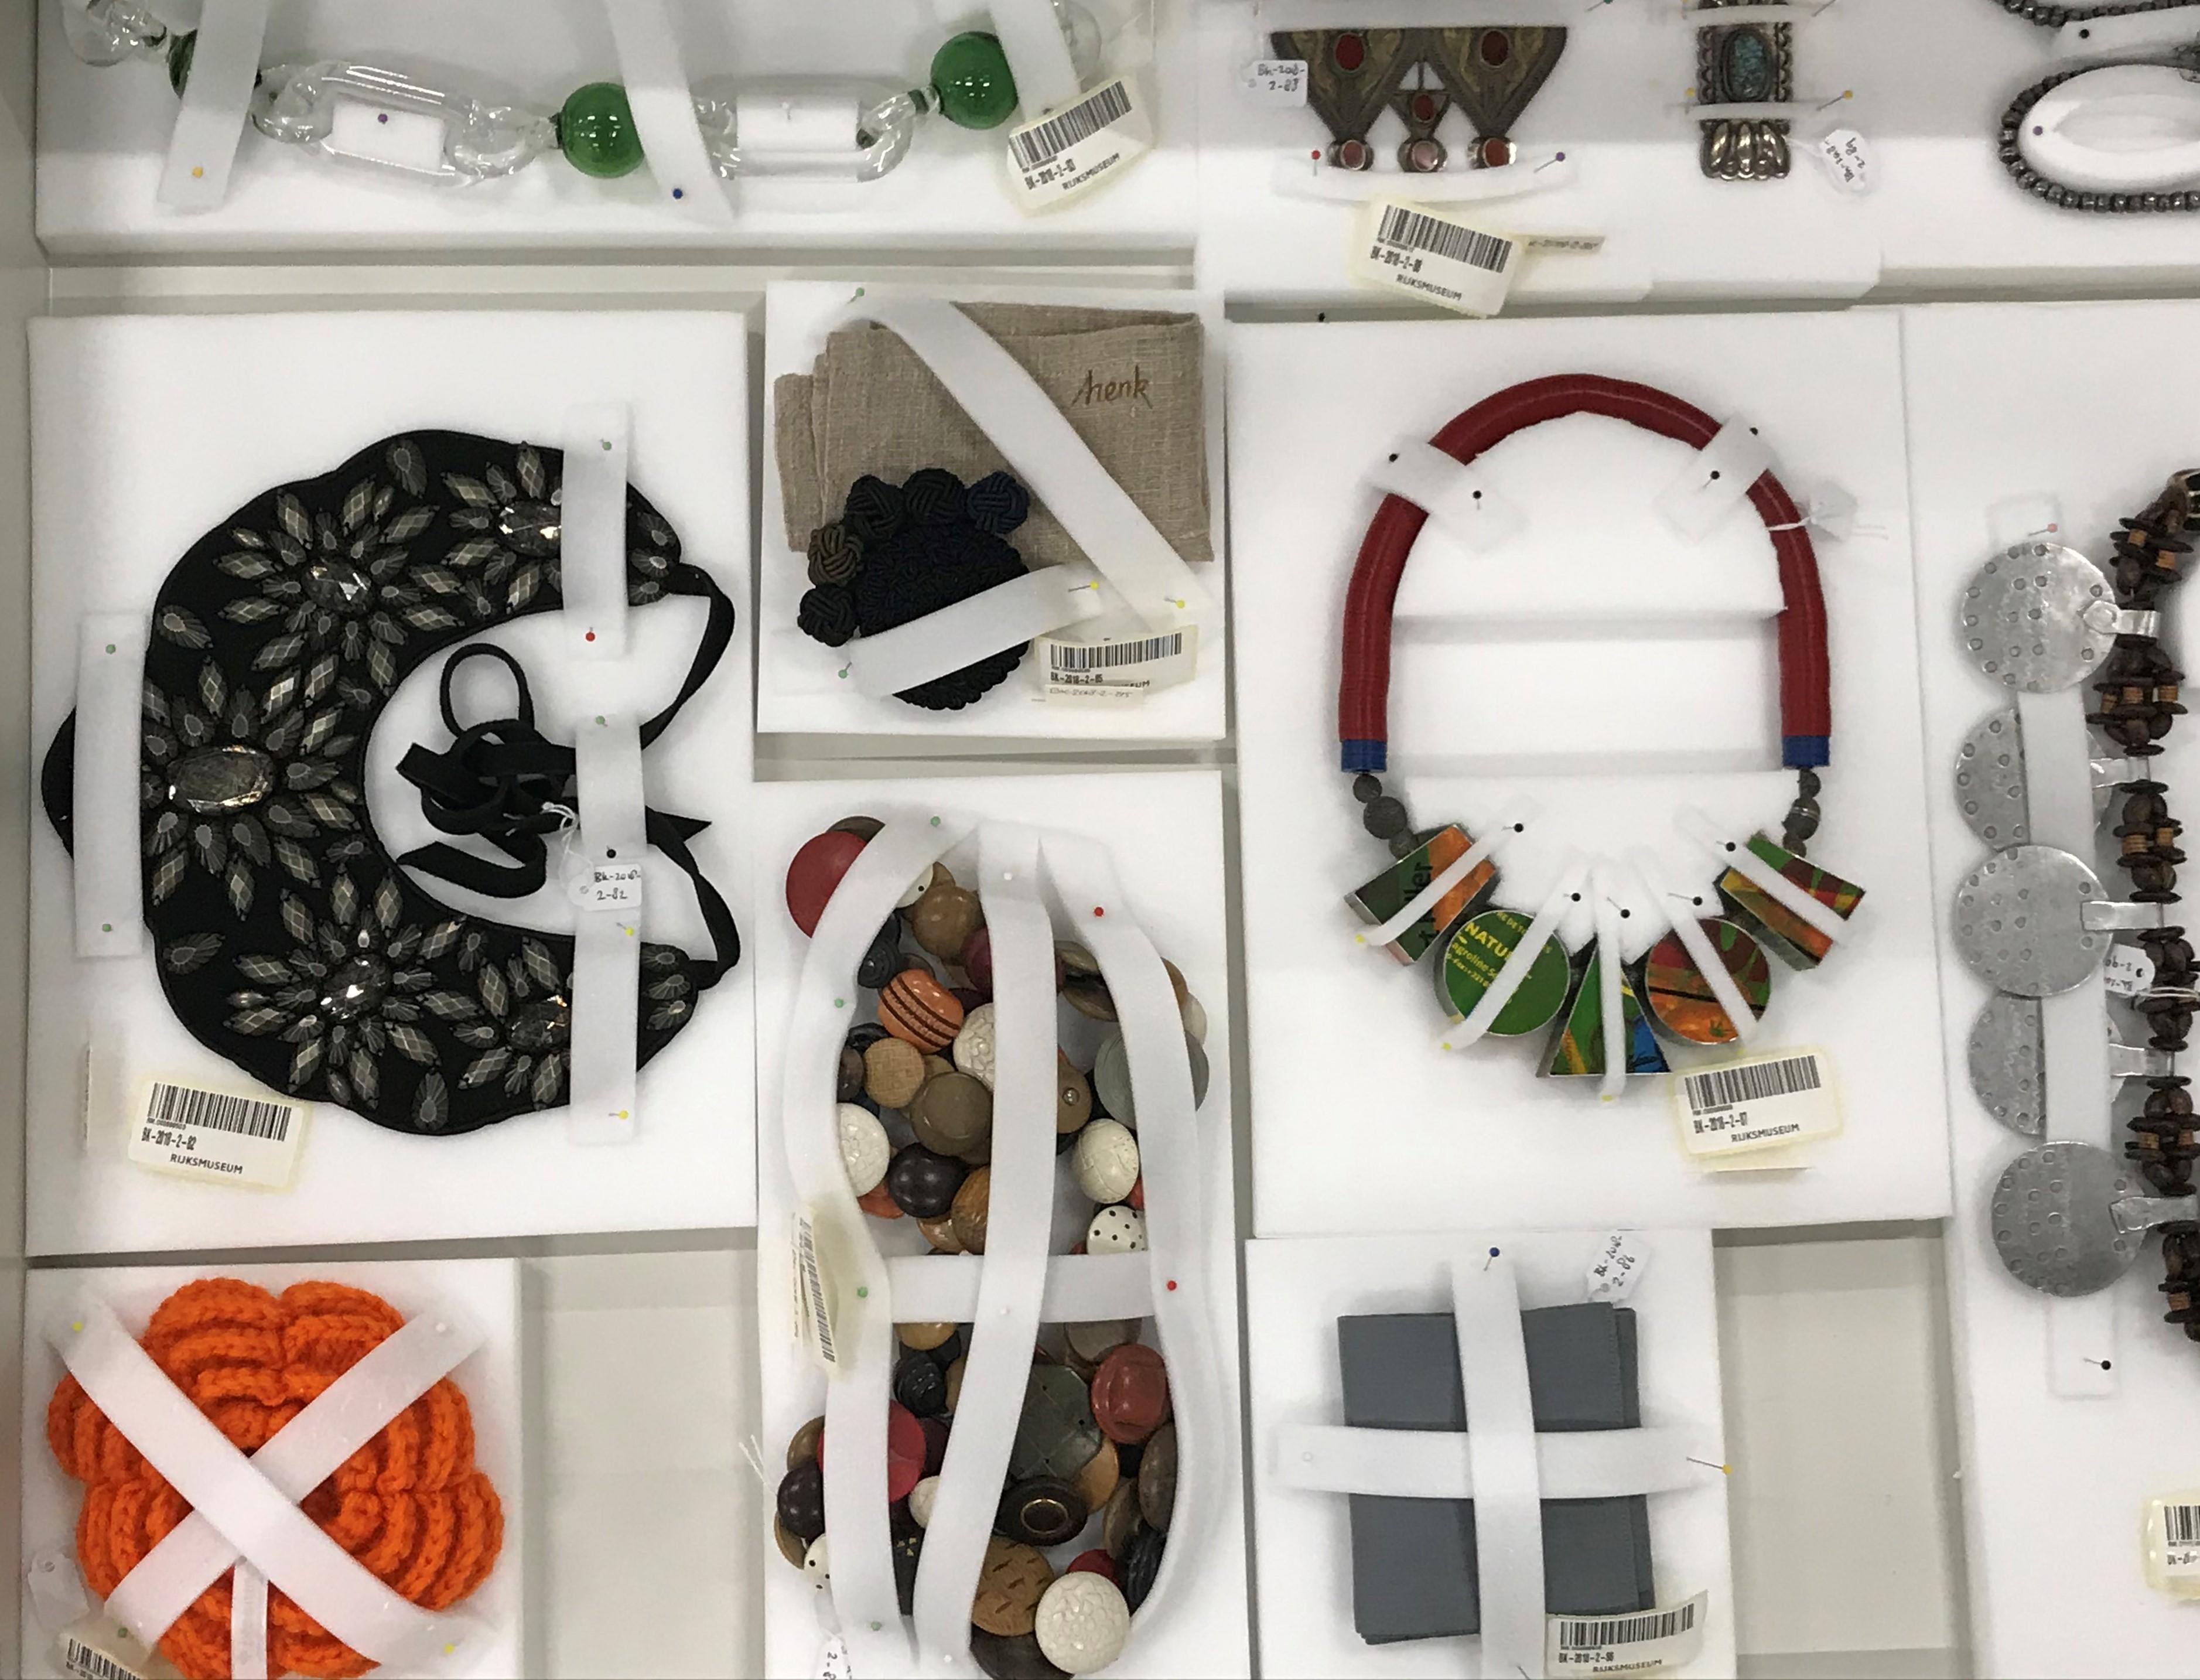 Marjan Unger collectie in het depot van het Rijksmuseum. Foto Wim Hoeben, Henk Leppink, halssieraden, glas, knopen, textiel, Melvin Anderson, glas